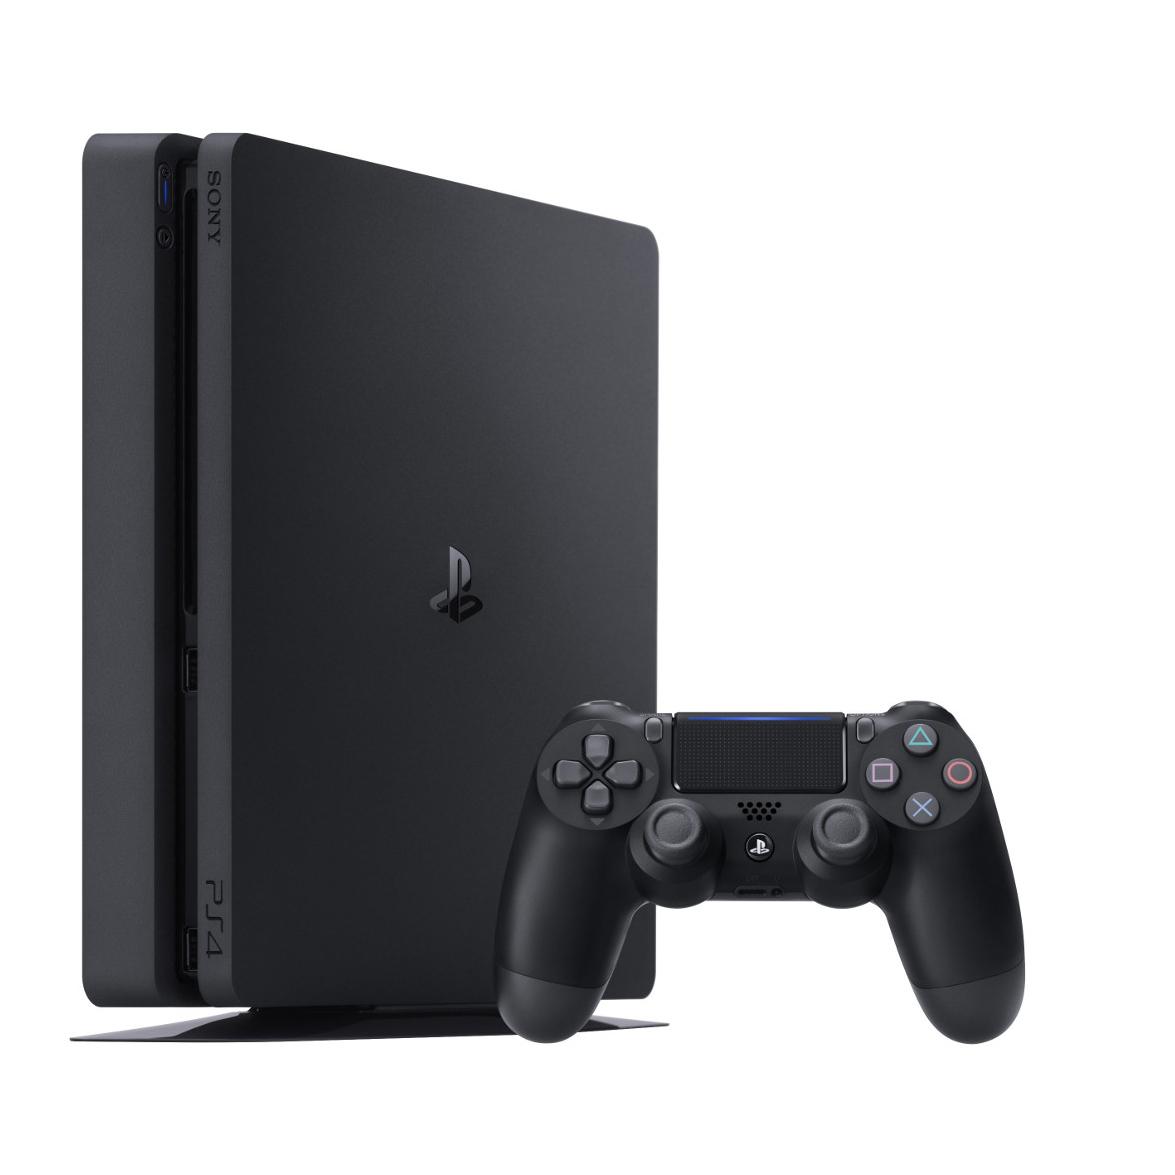 کنسول بازی سونی مدل Playstation 4 Slim کد Region 1 CUH-2215B ظرفیت 1 ترابایت